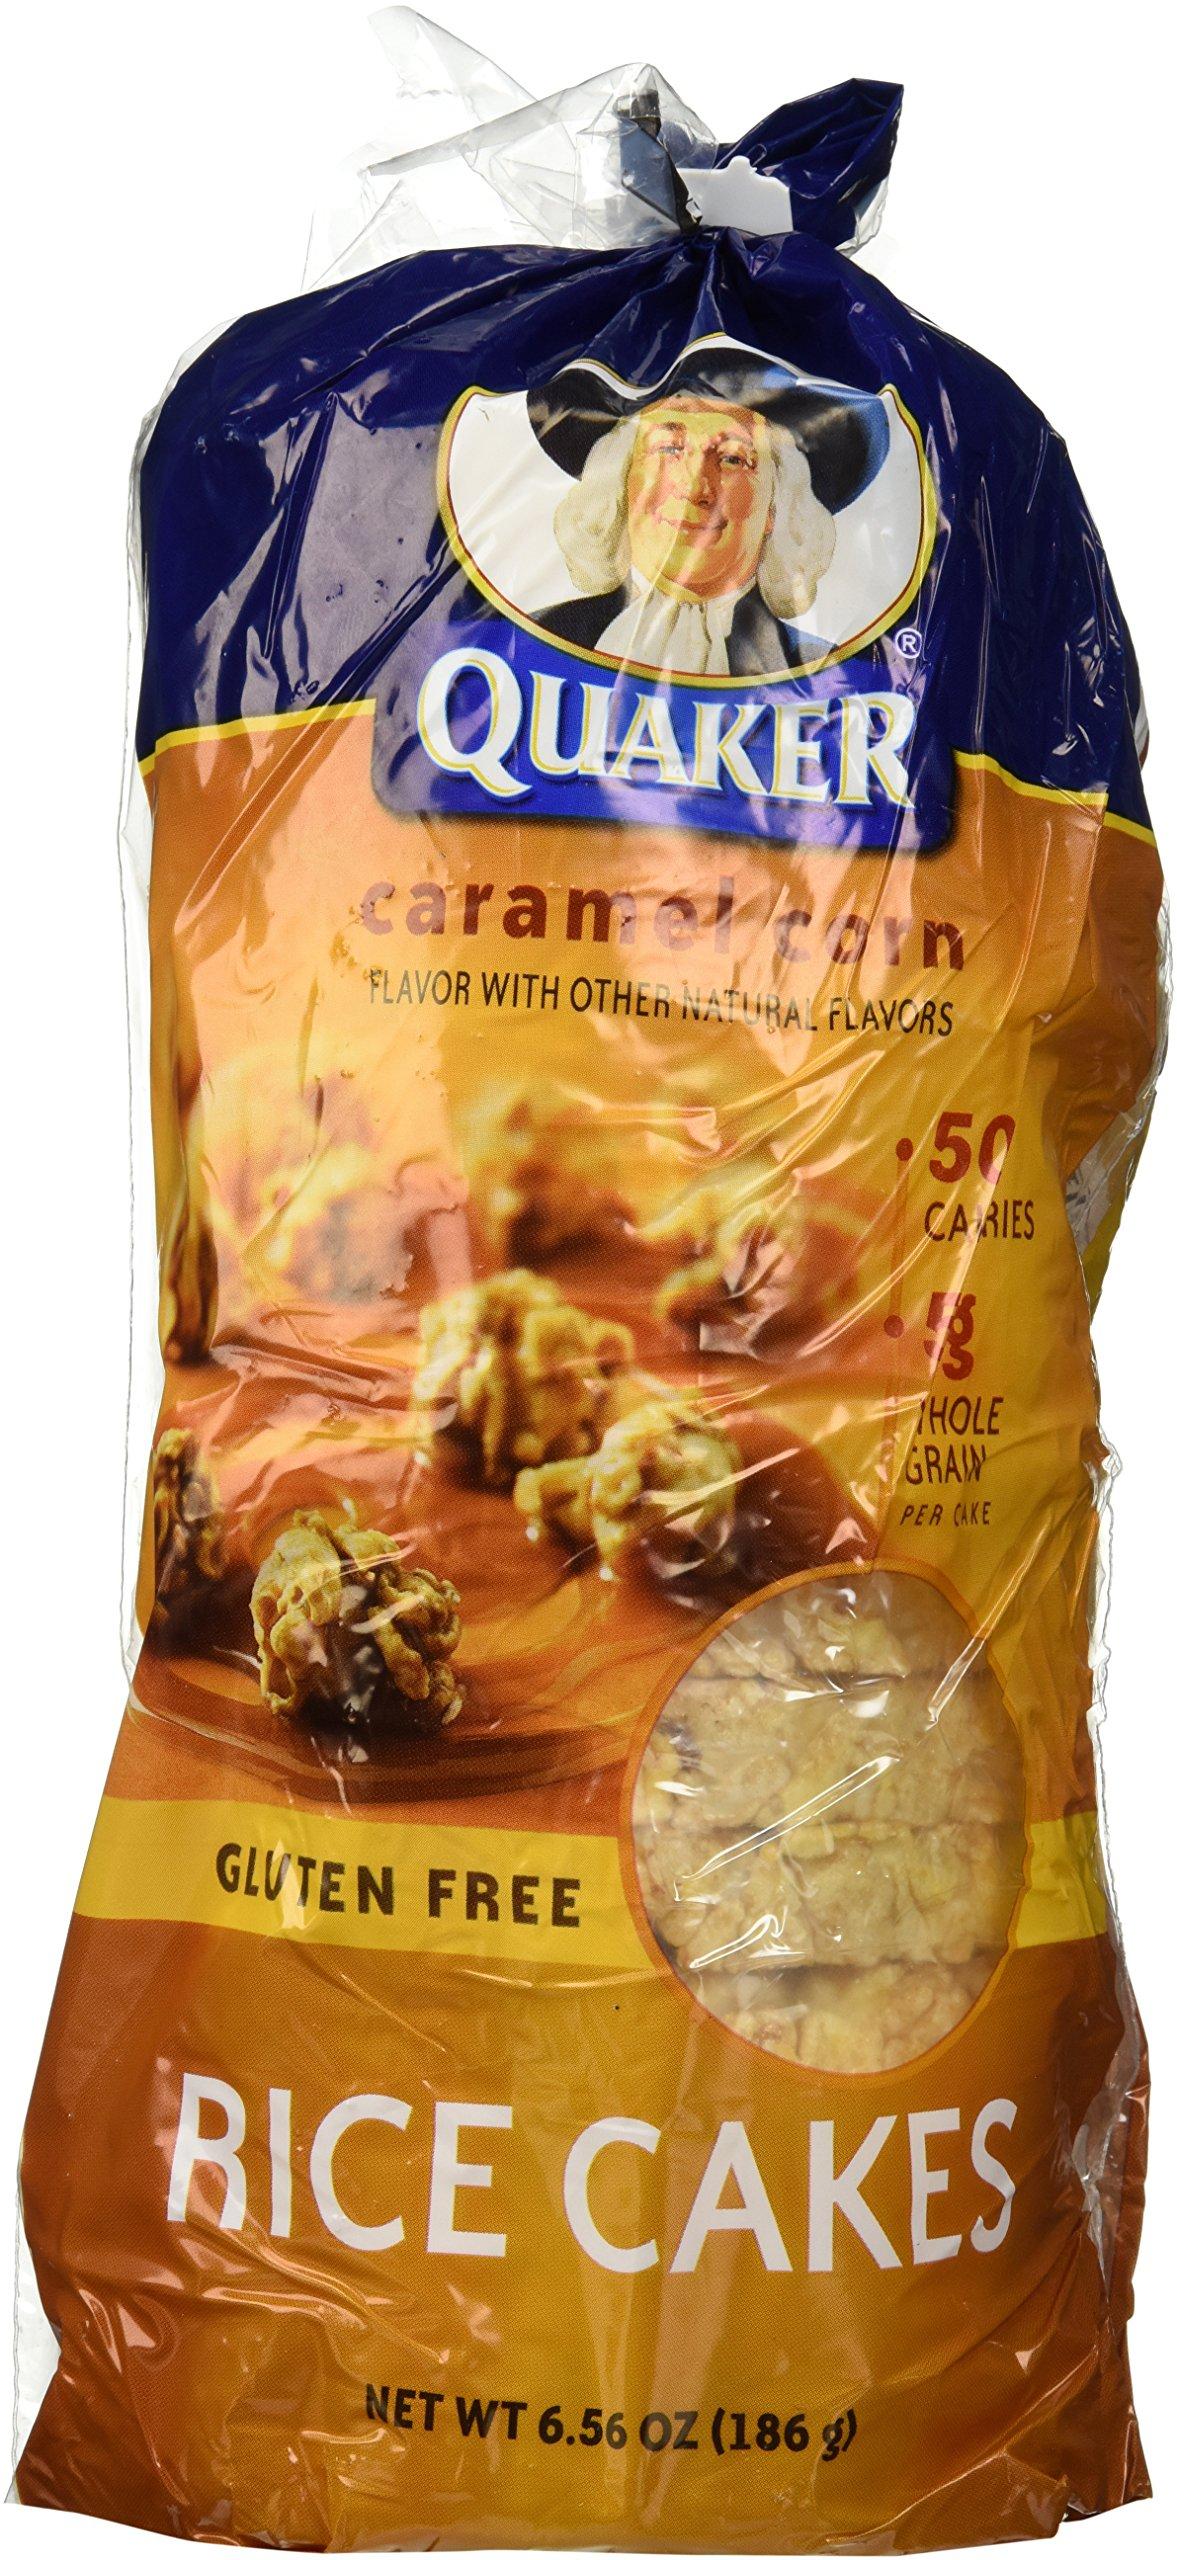 Quaker, Rice Cakes, Caramel, 6.5oz Bag (Pack of 4)